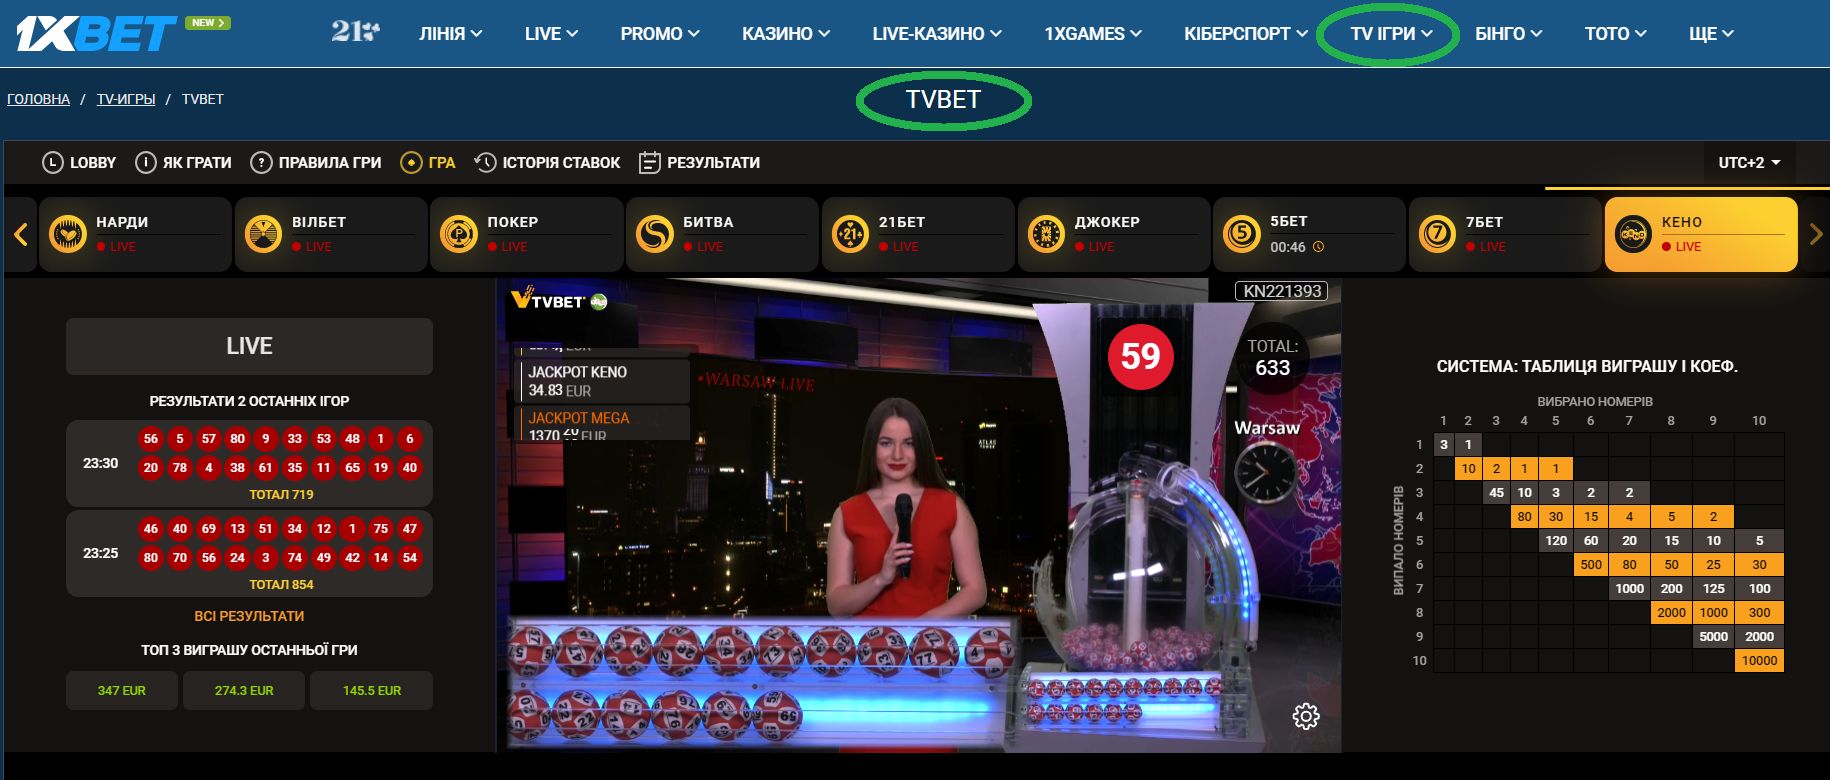 1xbet live: как правильно делать ставки